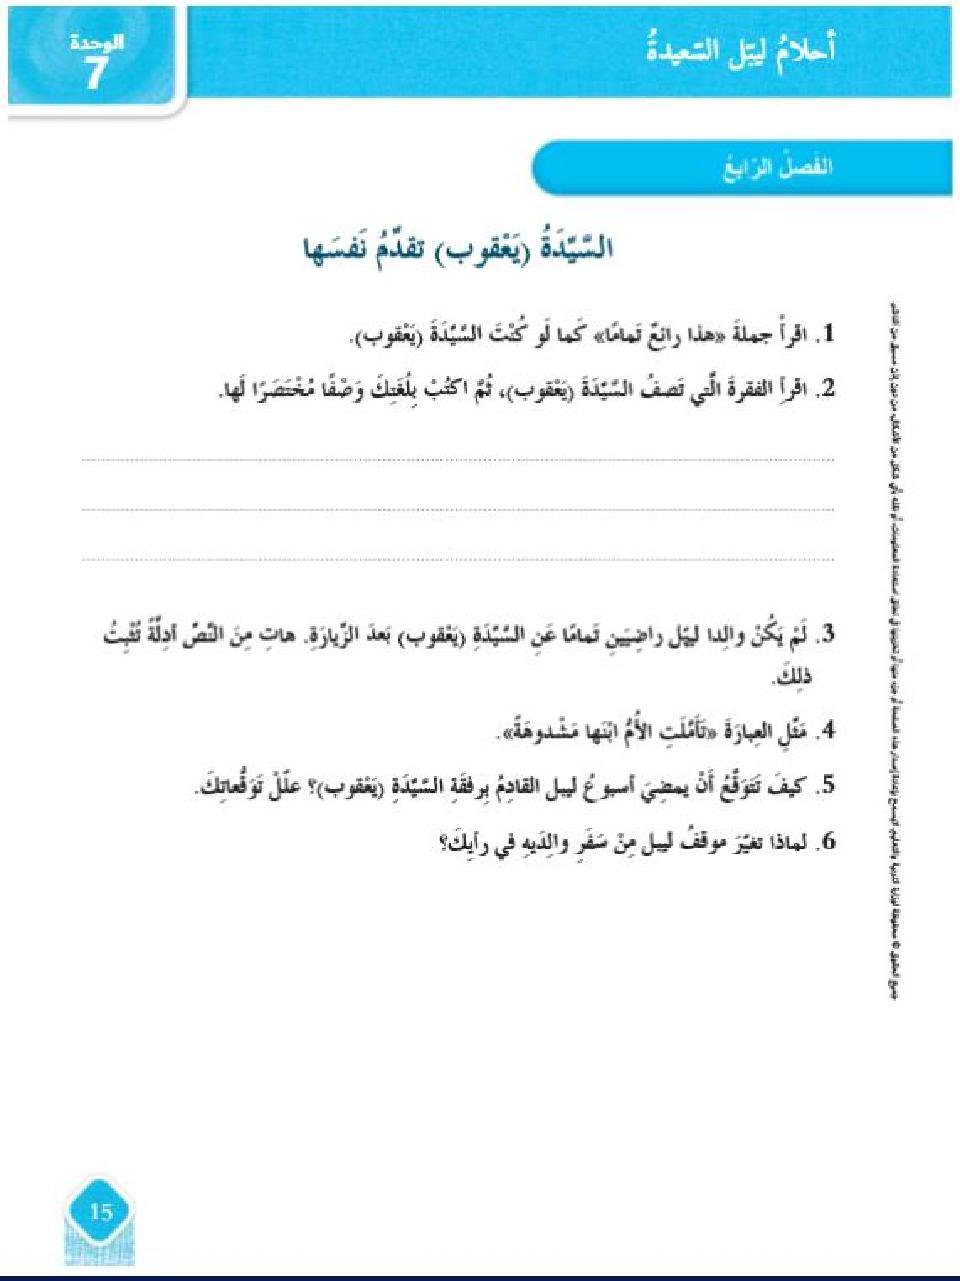 حل الفصل الرابع   رواية احلام ليبل الصف السادس الفصل الثالث 2020 الامارات